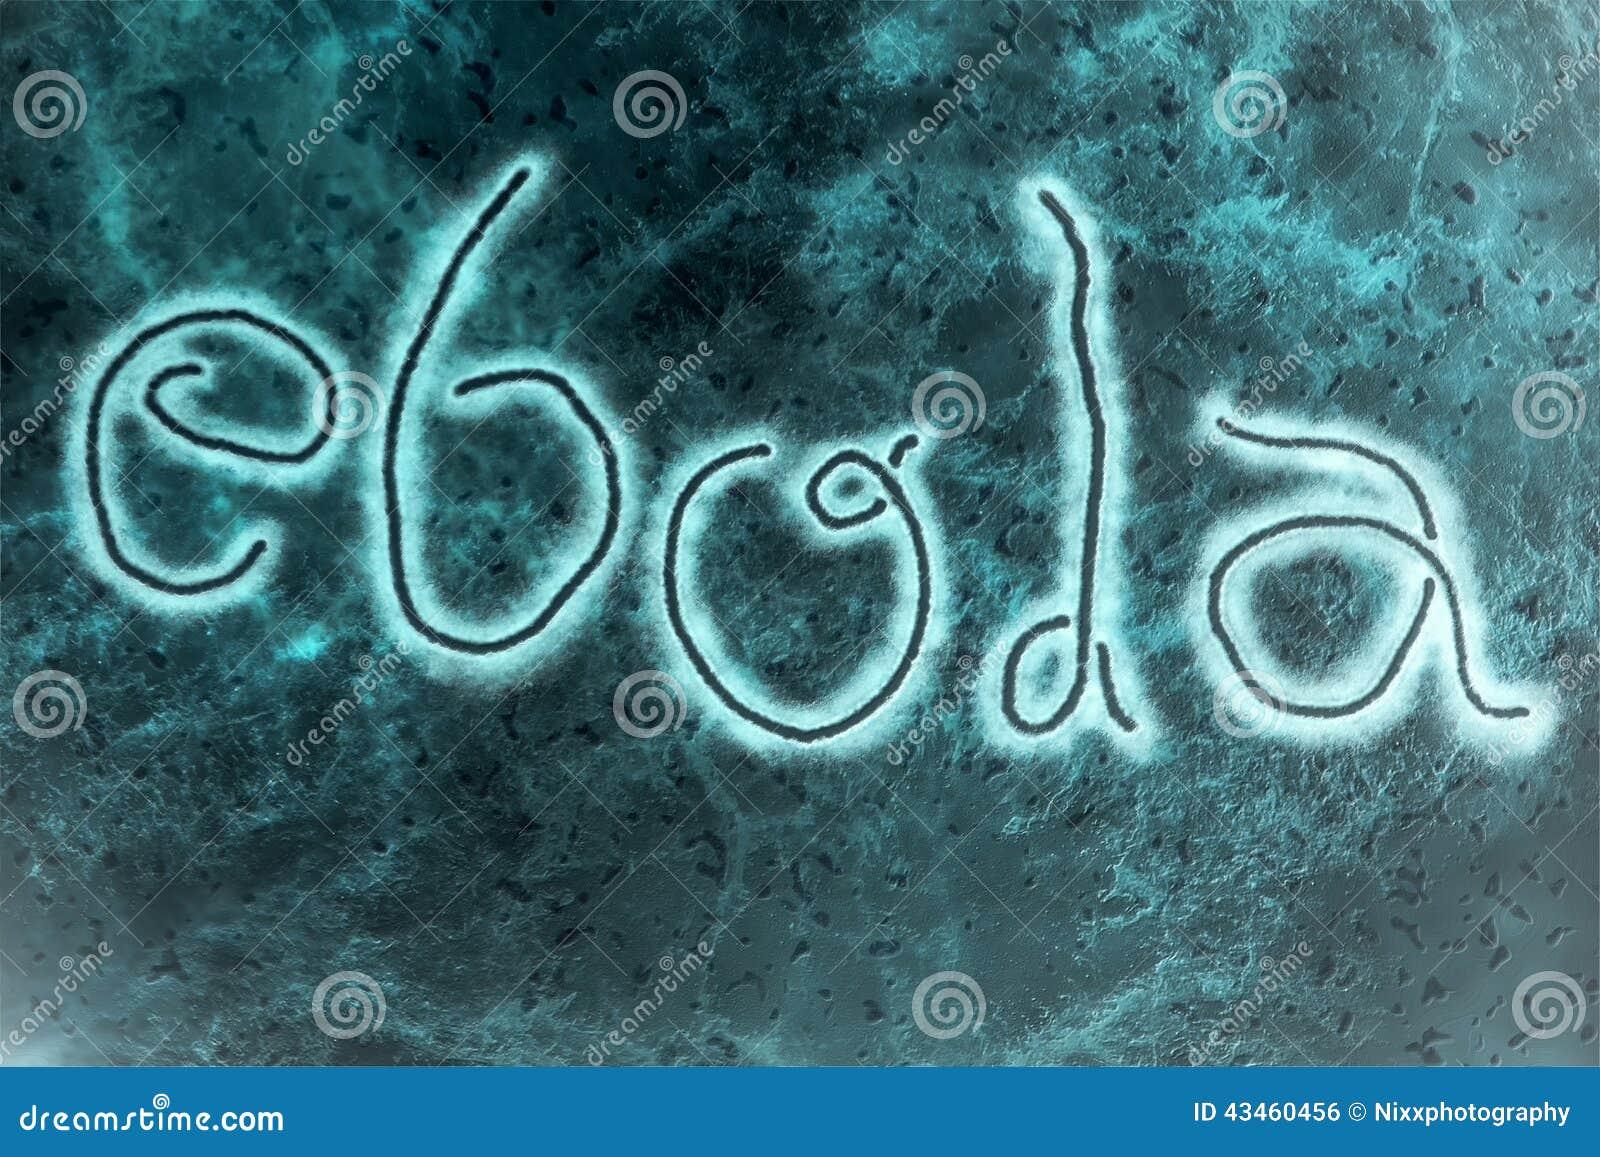 ebola virus stock illustration image 43460456